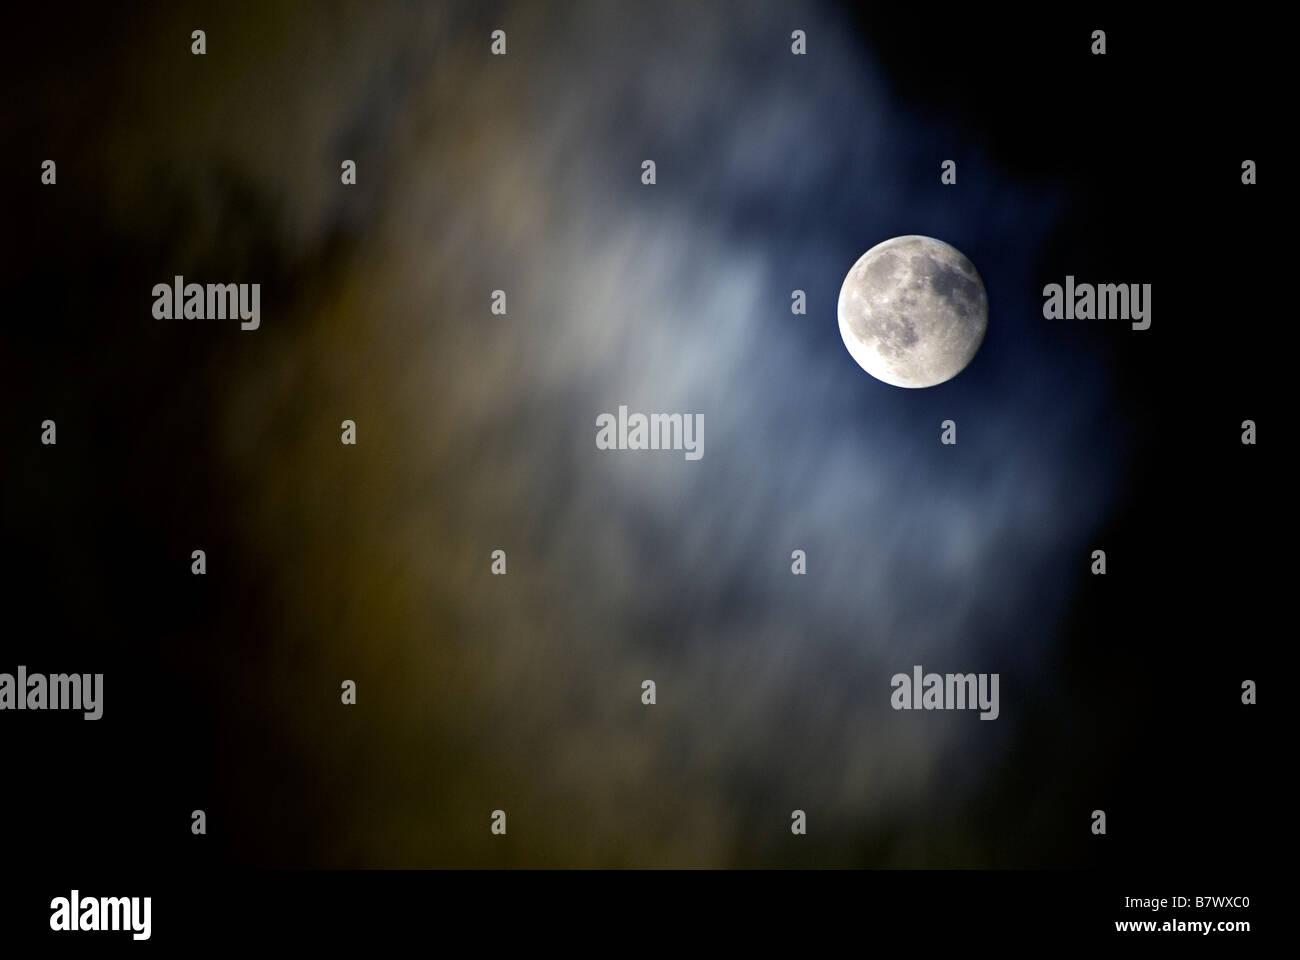 Luna disparó en Un nublado cielo nocturno Imagen De Stock